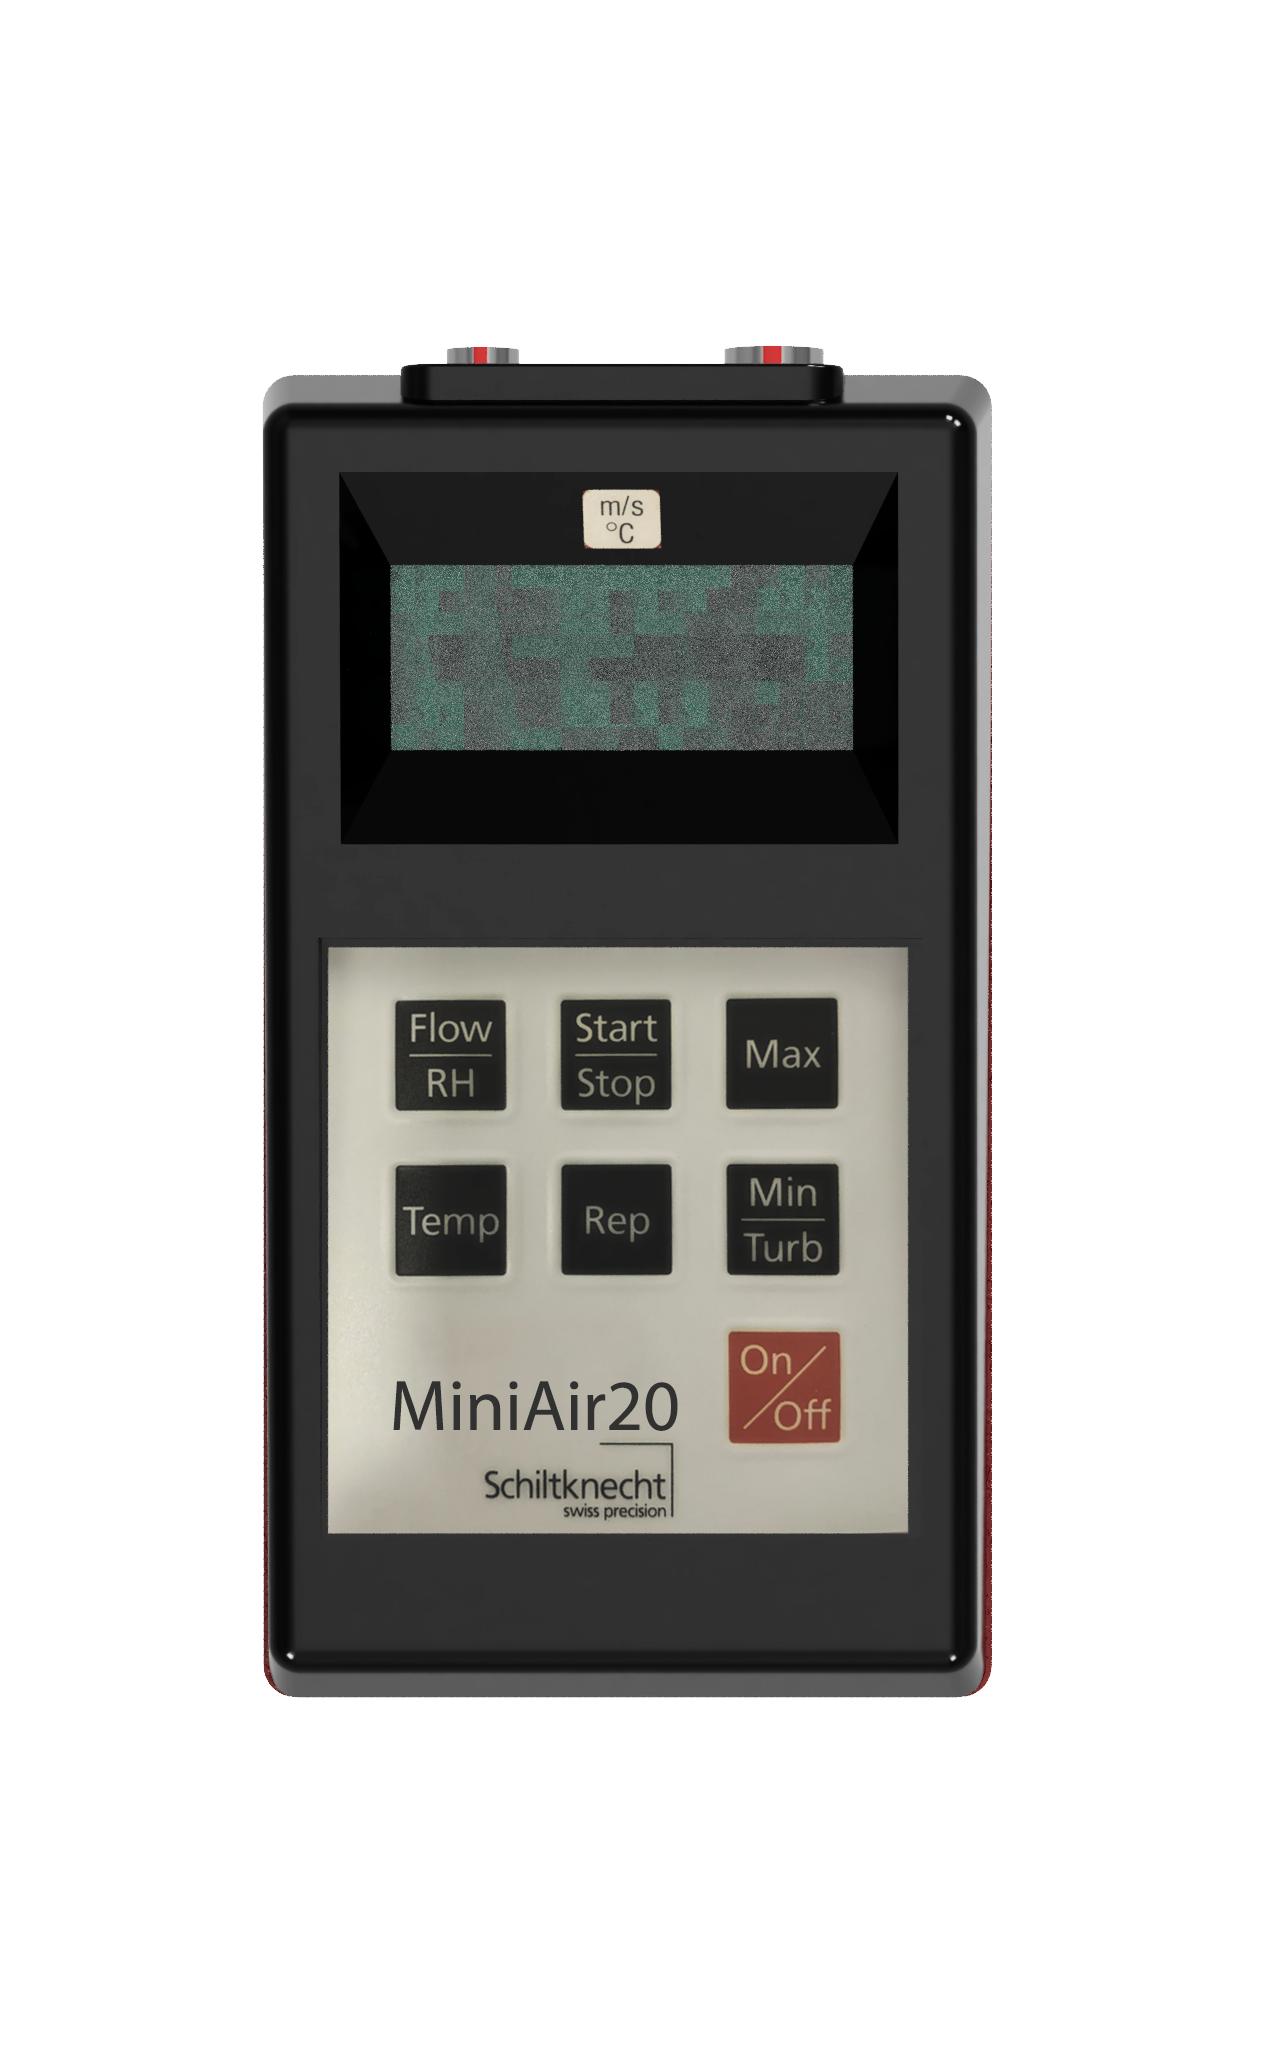 Schiltknecht MiniAir20 EX Handmessgerät